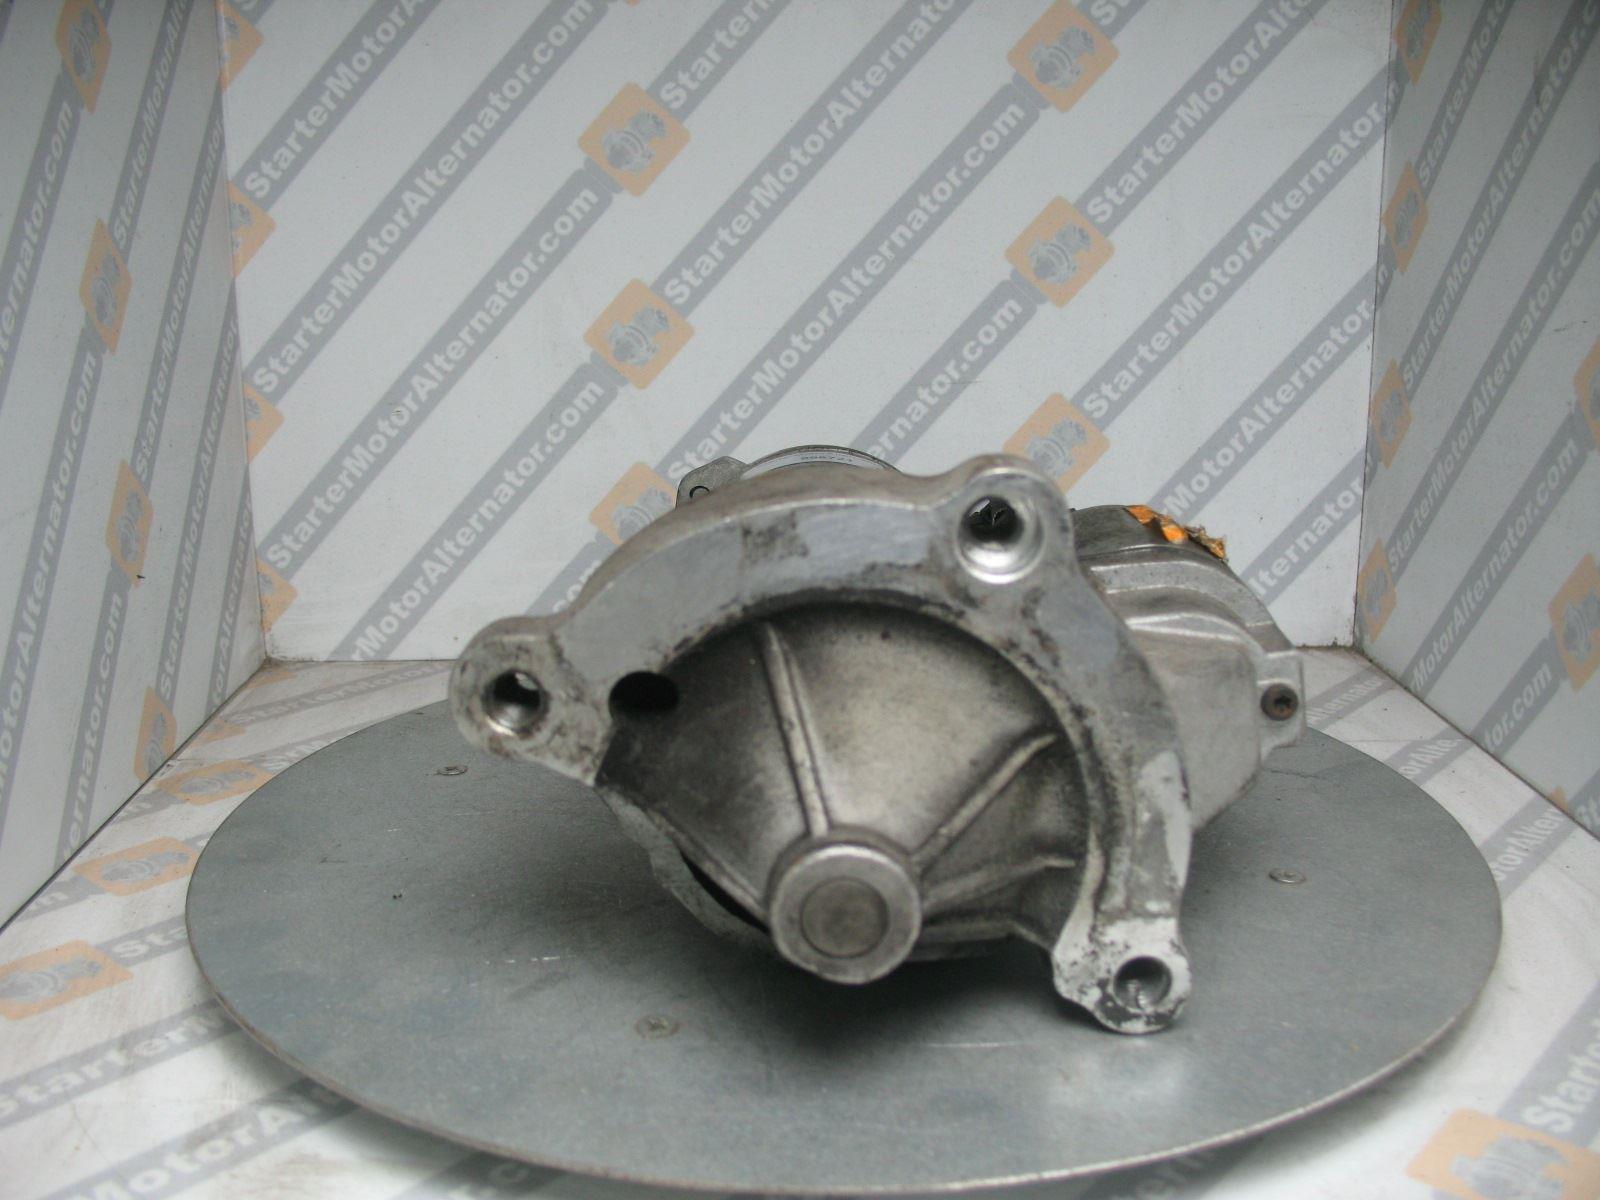 XIS7151 Starter Motor For Citroen / DS / Fiat / LDV / Mitsubishi / Peugeot / Tata